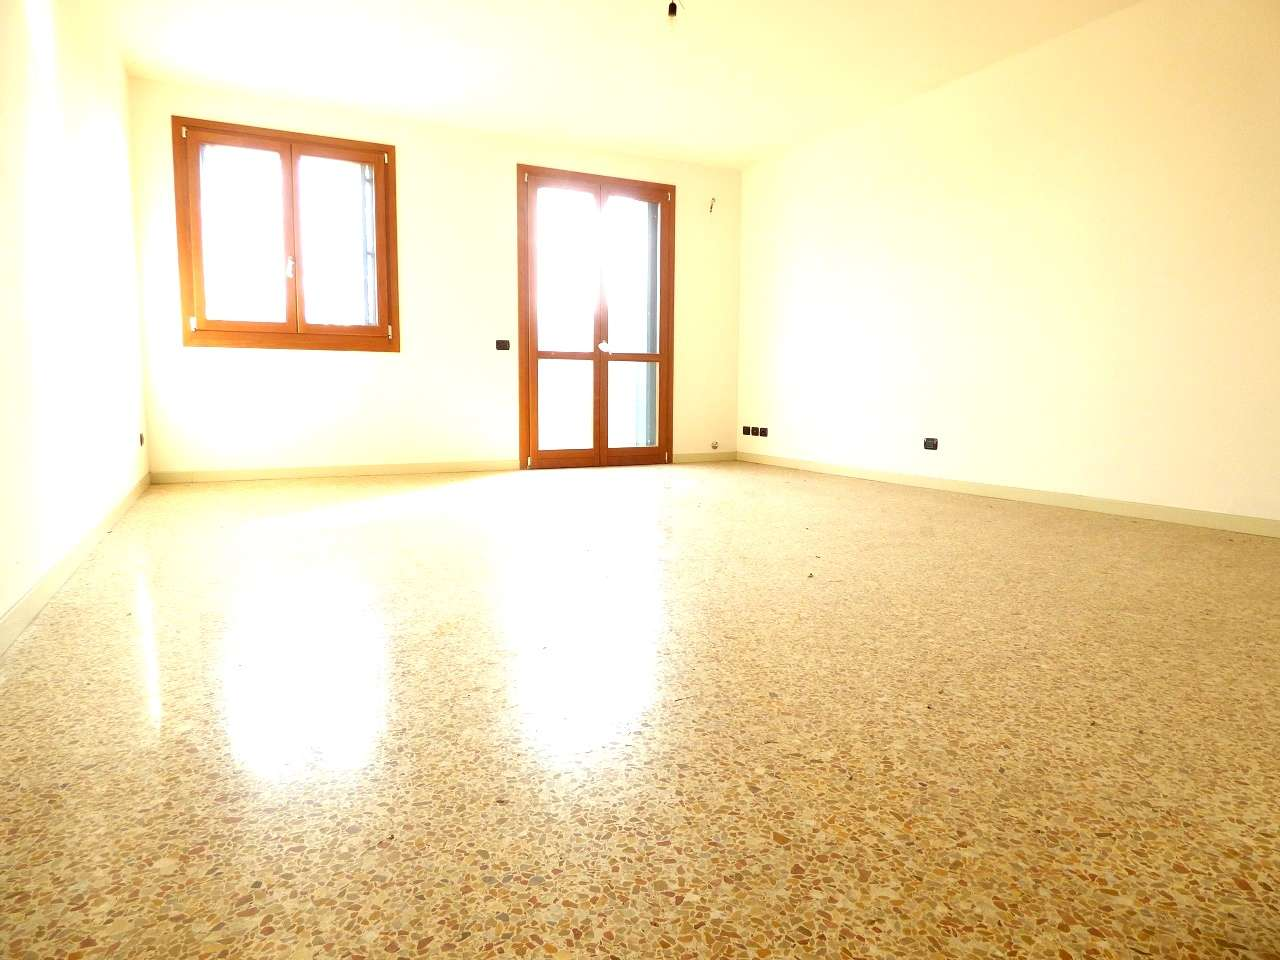 Soluzione Indipendente in vendita a Selvazzano Dentro, 6 locali, prezzo € 335.000 | CambioCasa.it